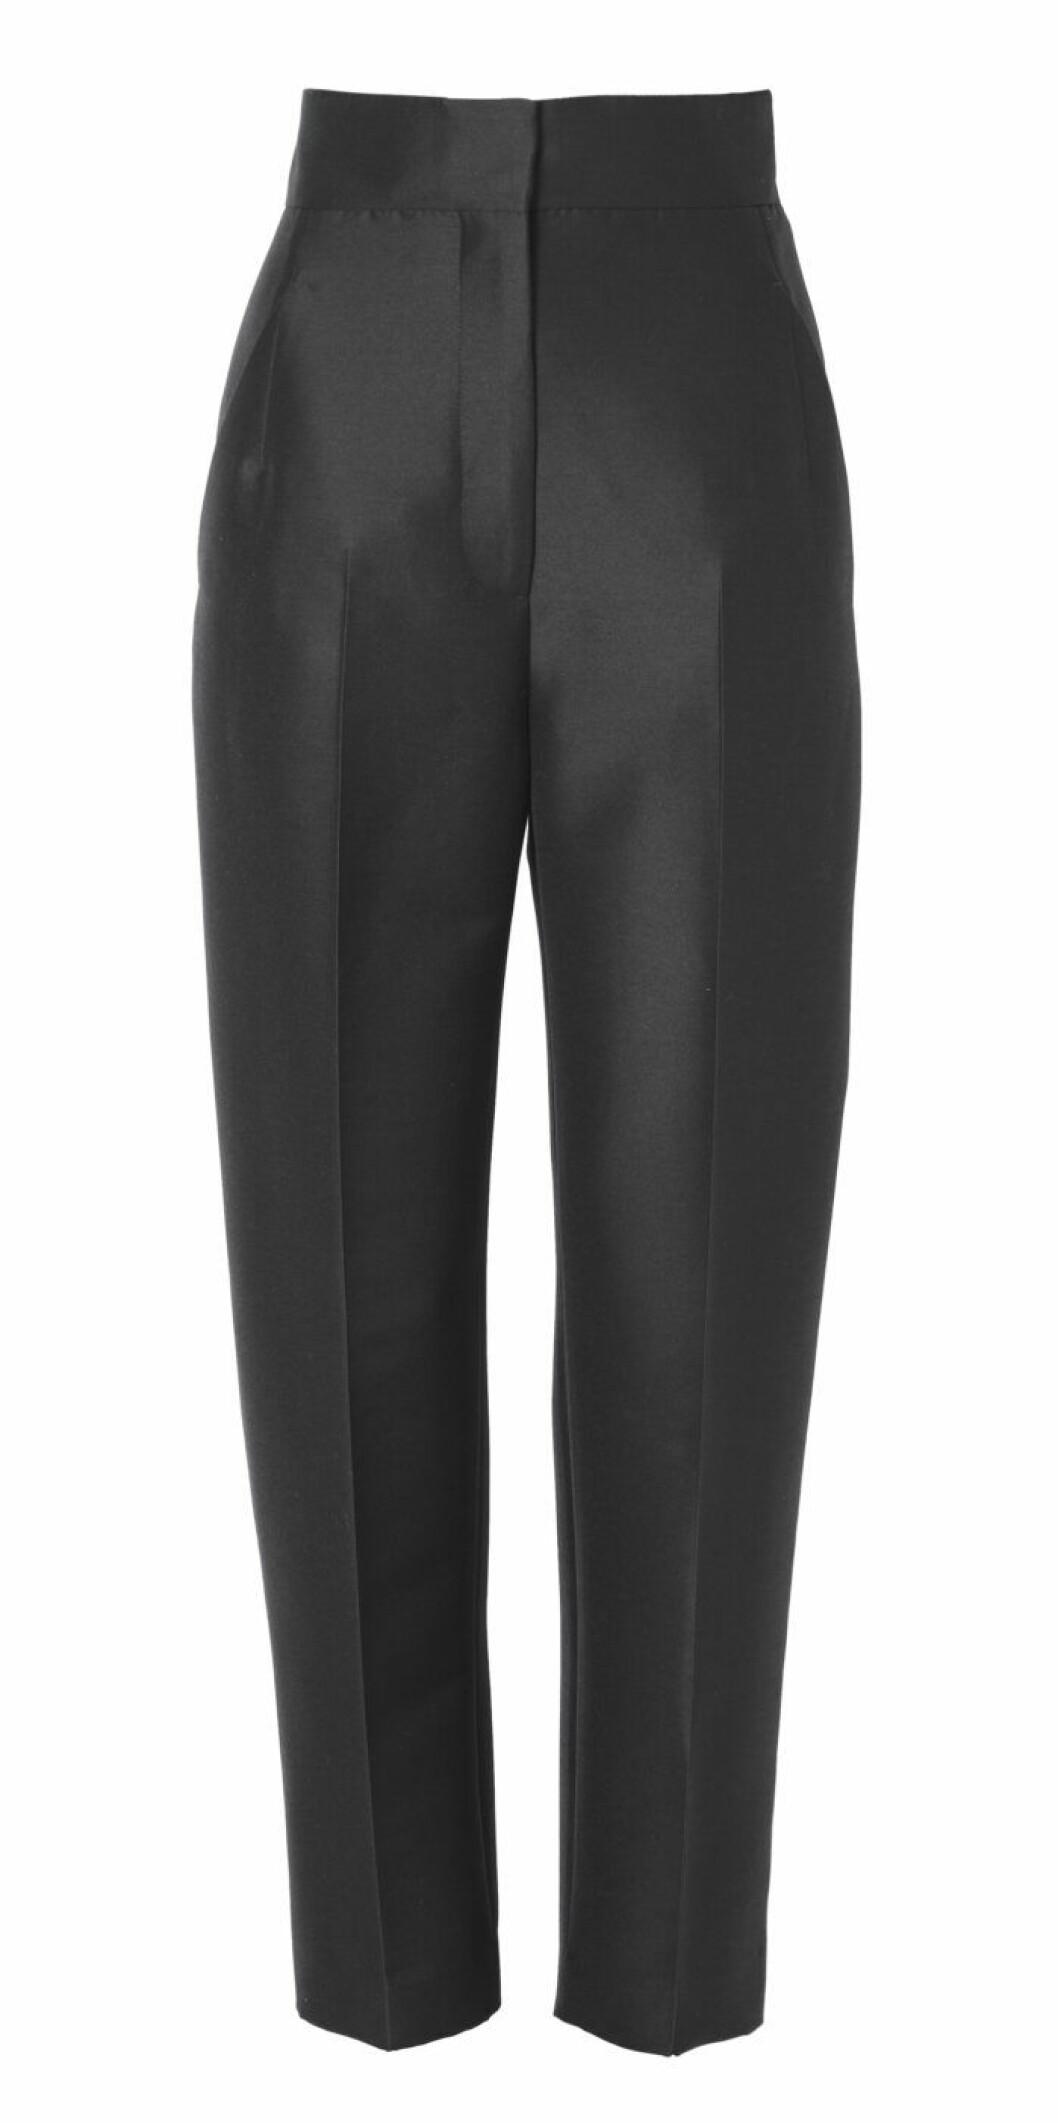 Svarta kostymbyxor med hög midja